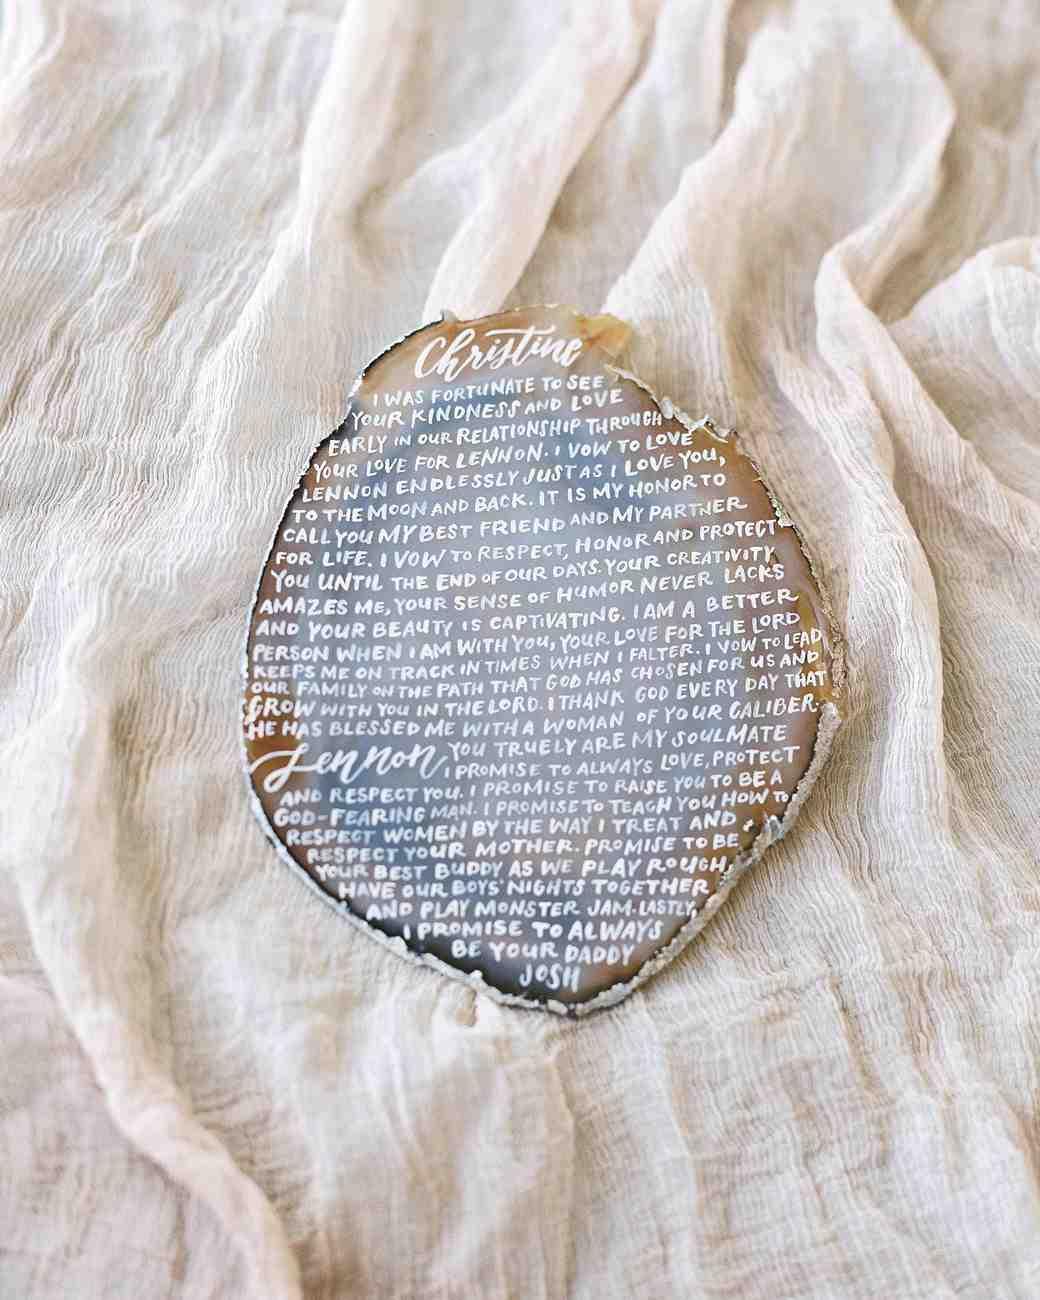 Wedding Vows Written on Agate